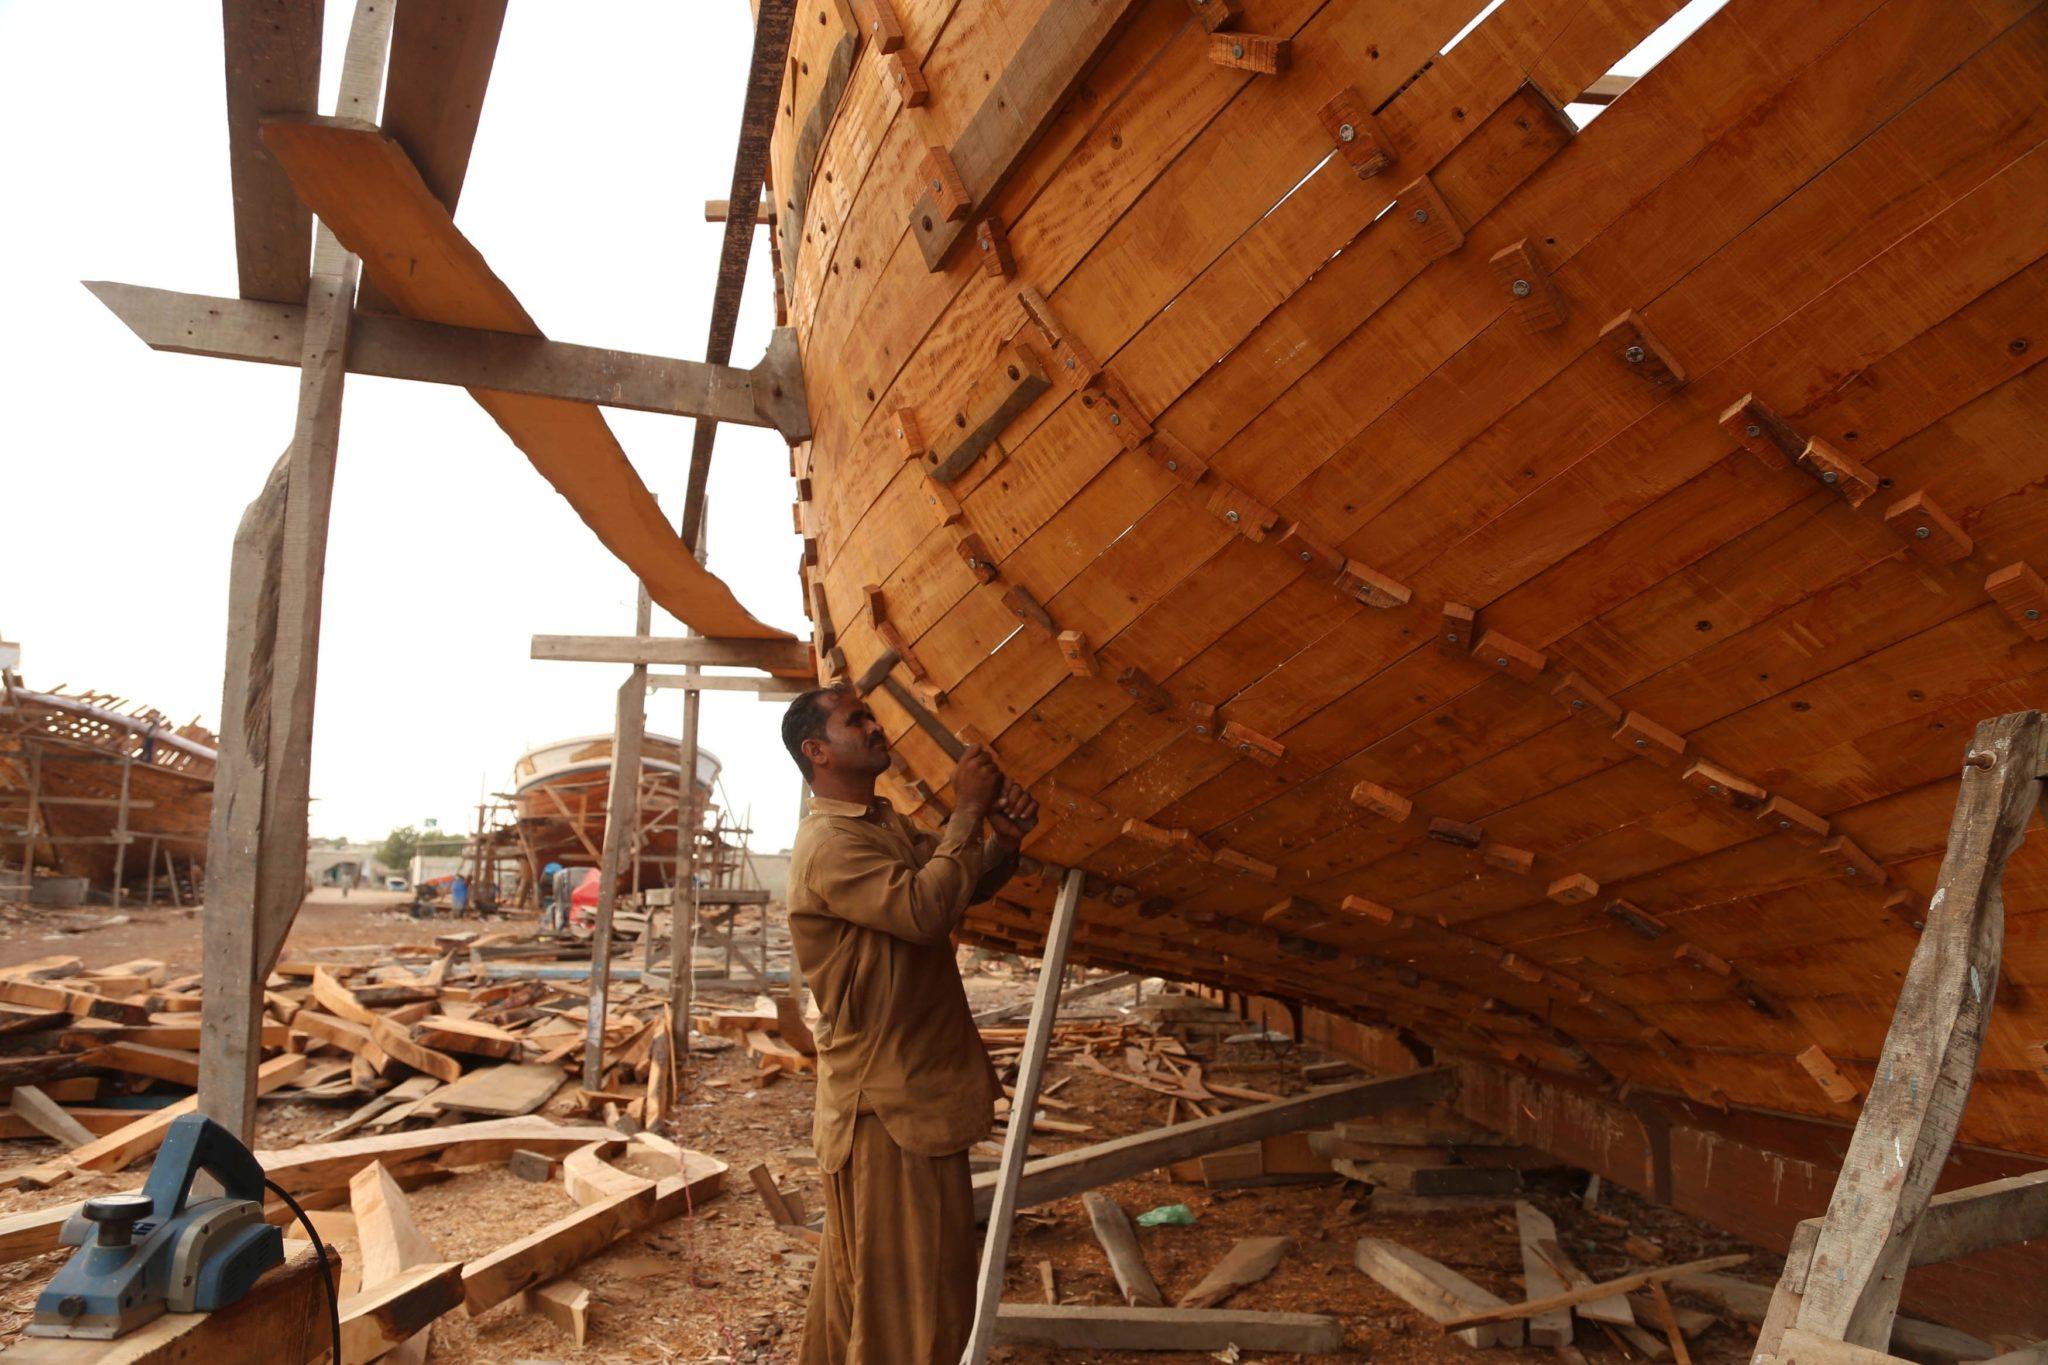 Pakistańscy rzemieślnicy budują łódź w portowym mieście Karaczi w Pakistanie. Stocznia Karachi jest strategicznie położona na skrzyżowaniu Azji Południowej i regionu Zatoki Perskiej, fot. Rehan Khan, PAP/EPA